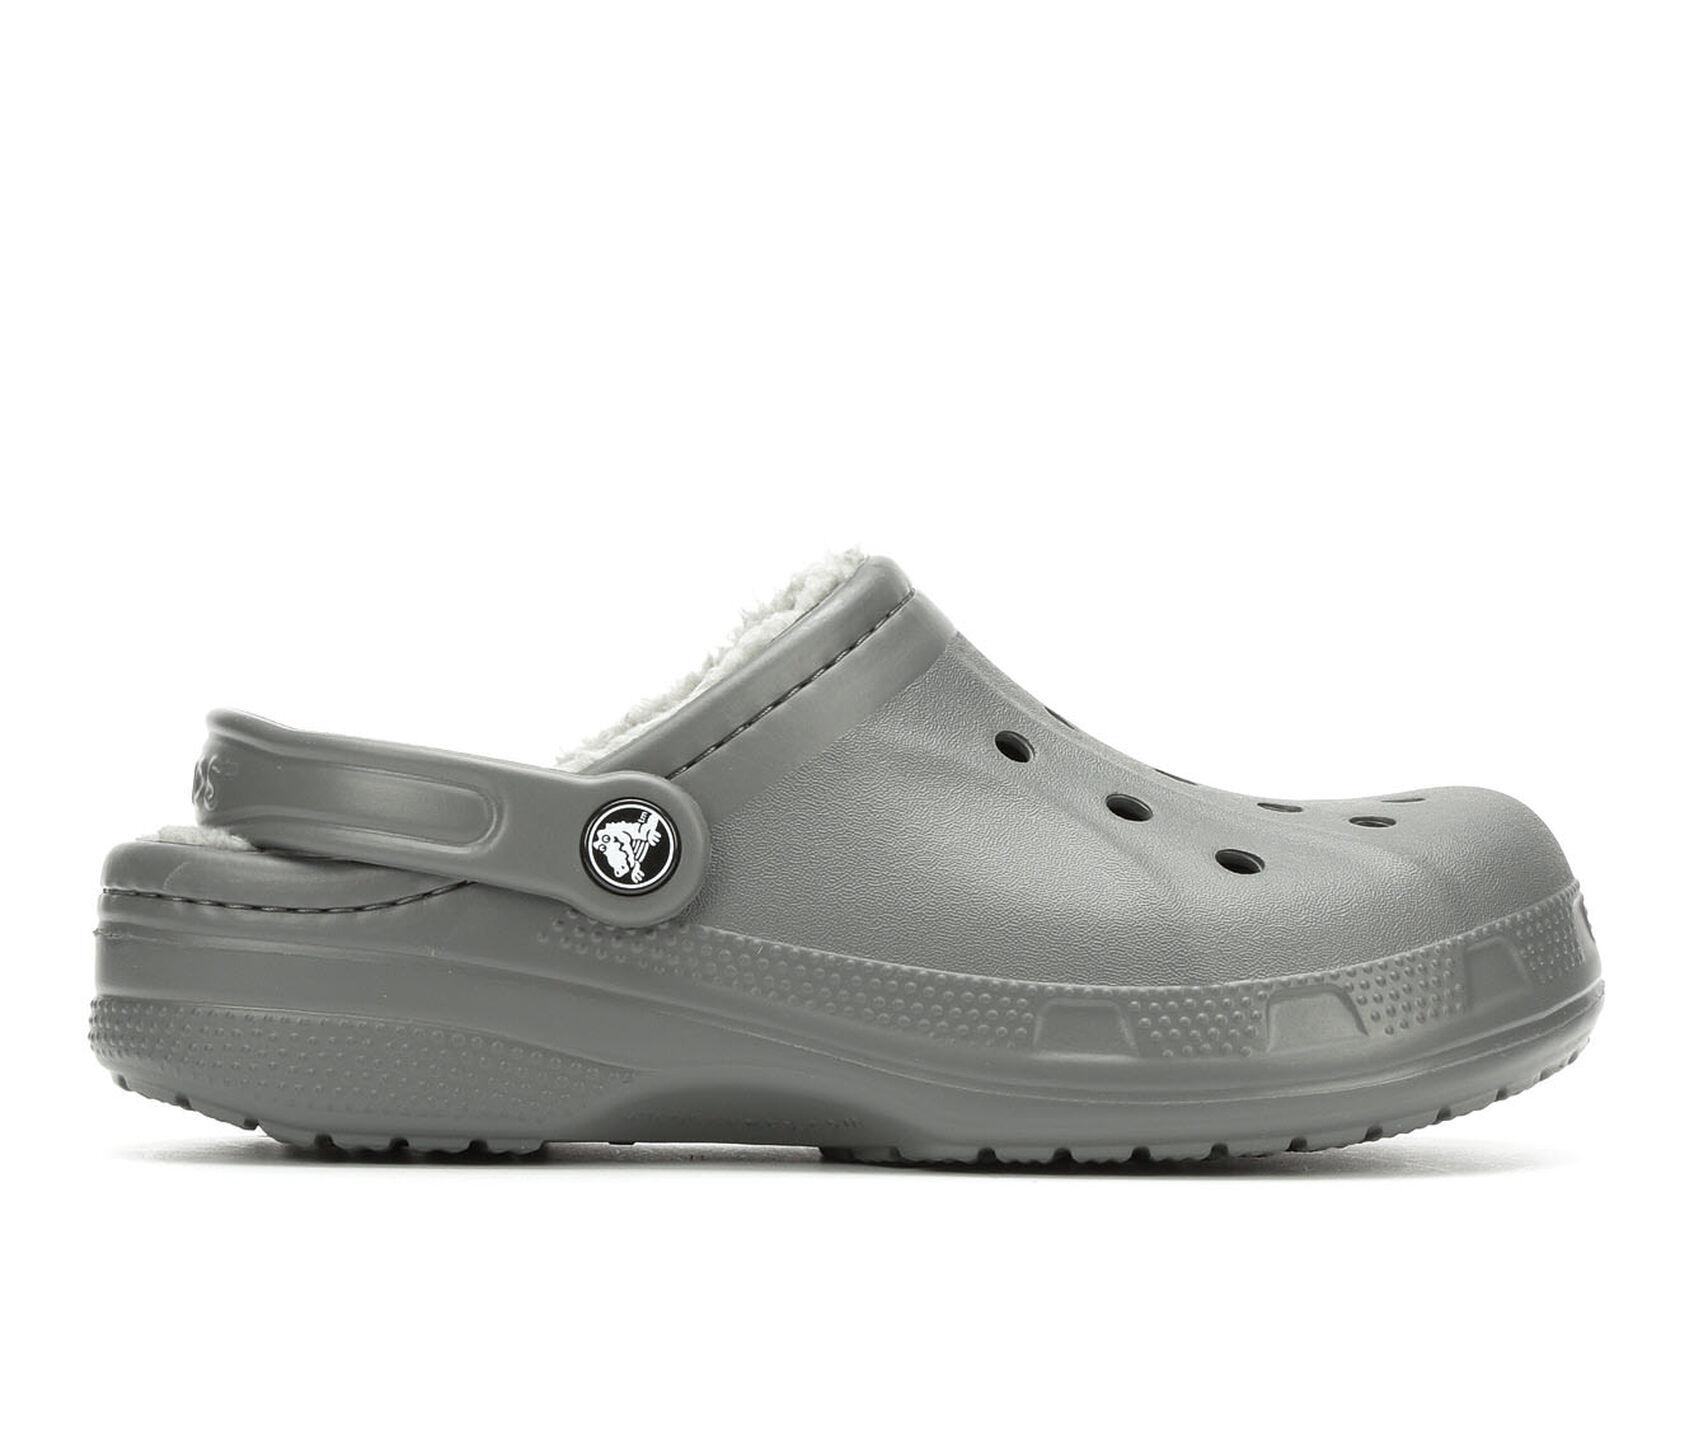 1d8e872848b1 ... Crocs Winter Clog. Previous